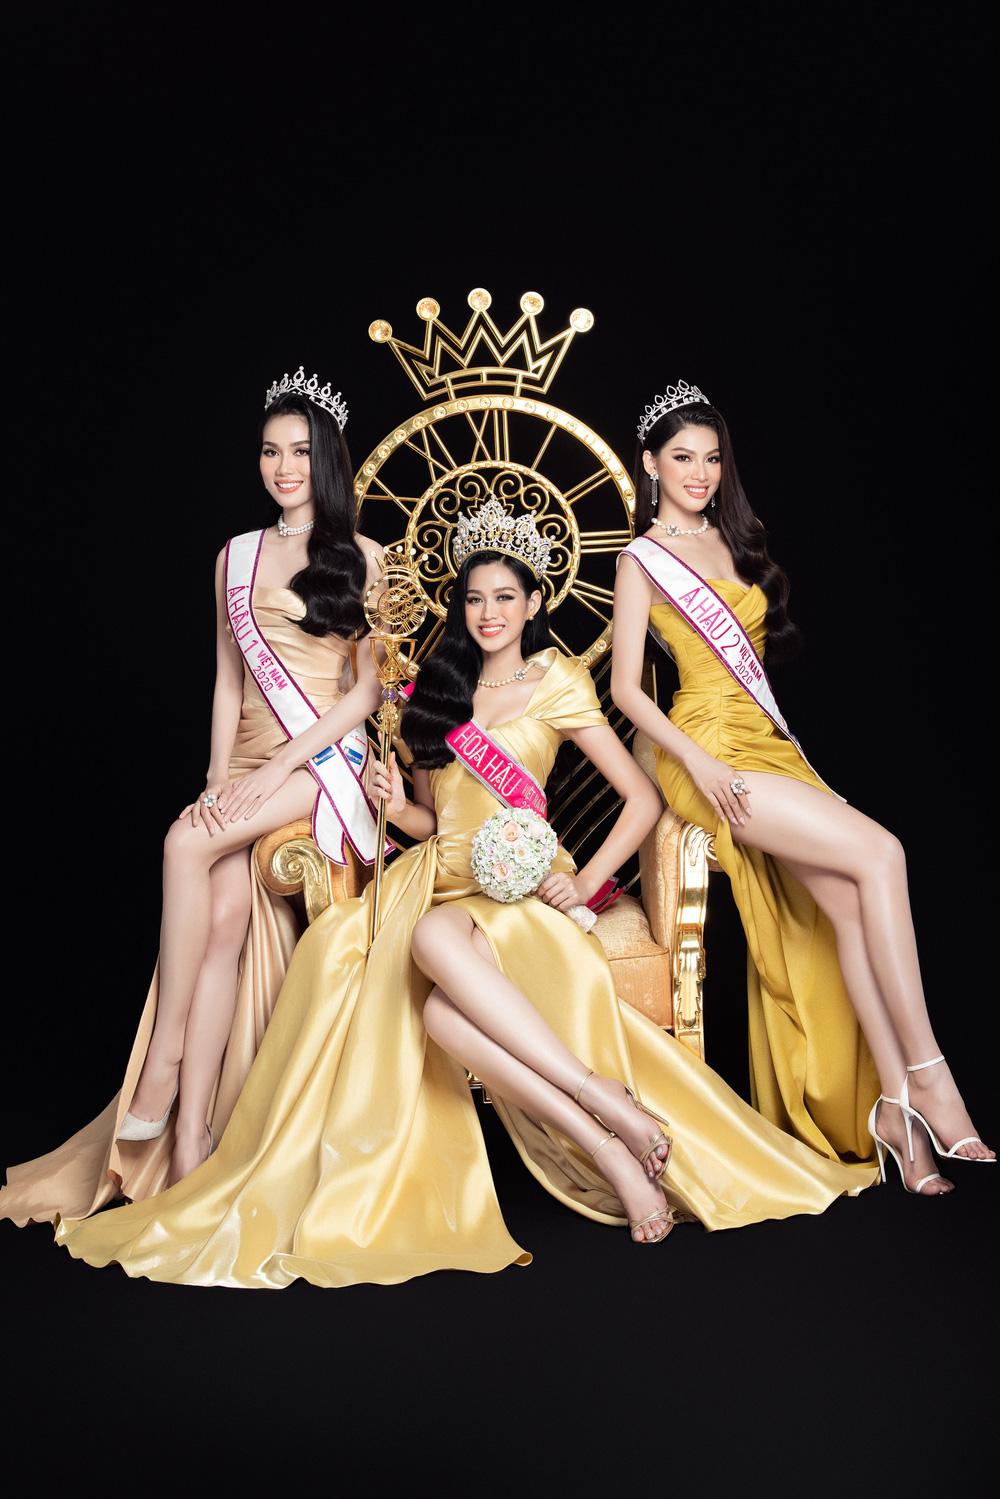 Hoa hậu Đỗ Thị Hà đọ sắc bên hai Á hậu sau 1 tháng đăng quang - Ảnh 1.